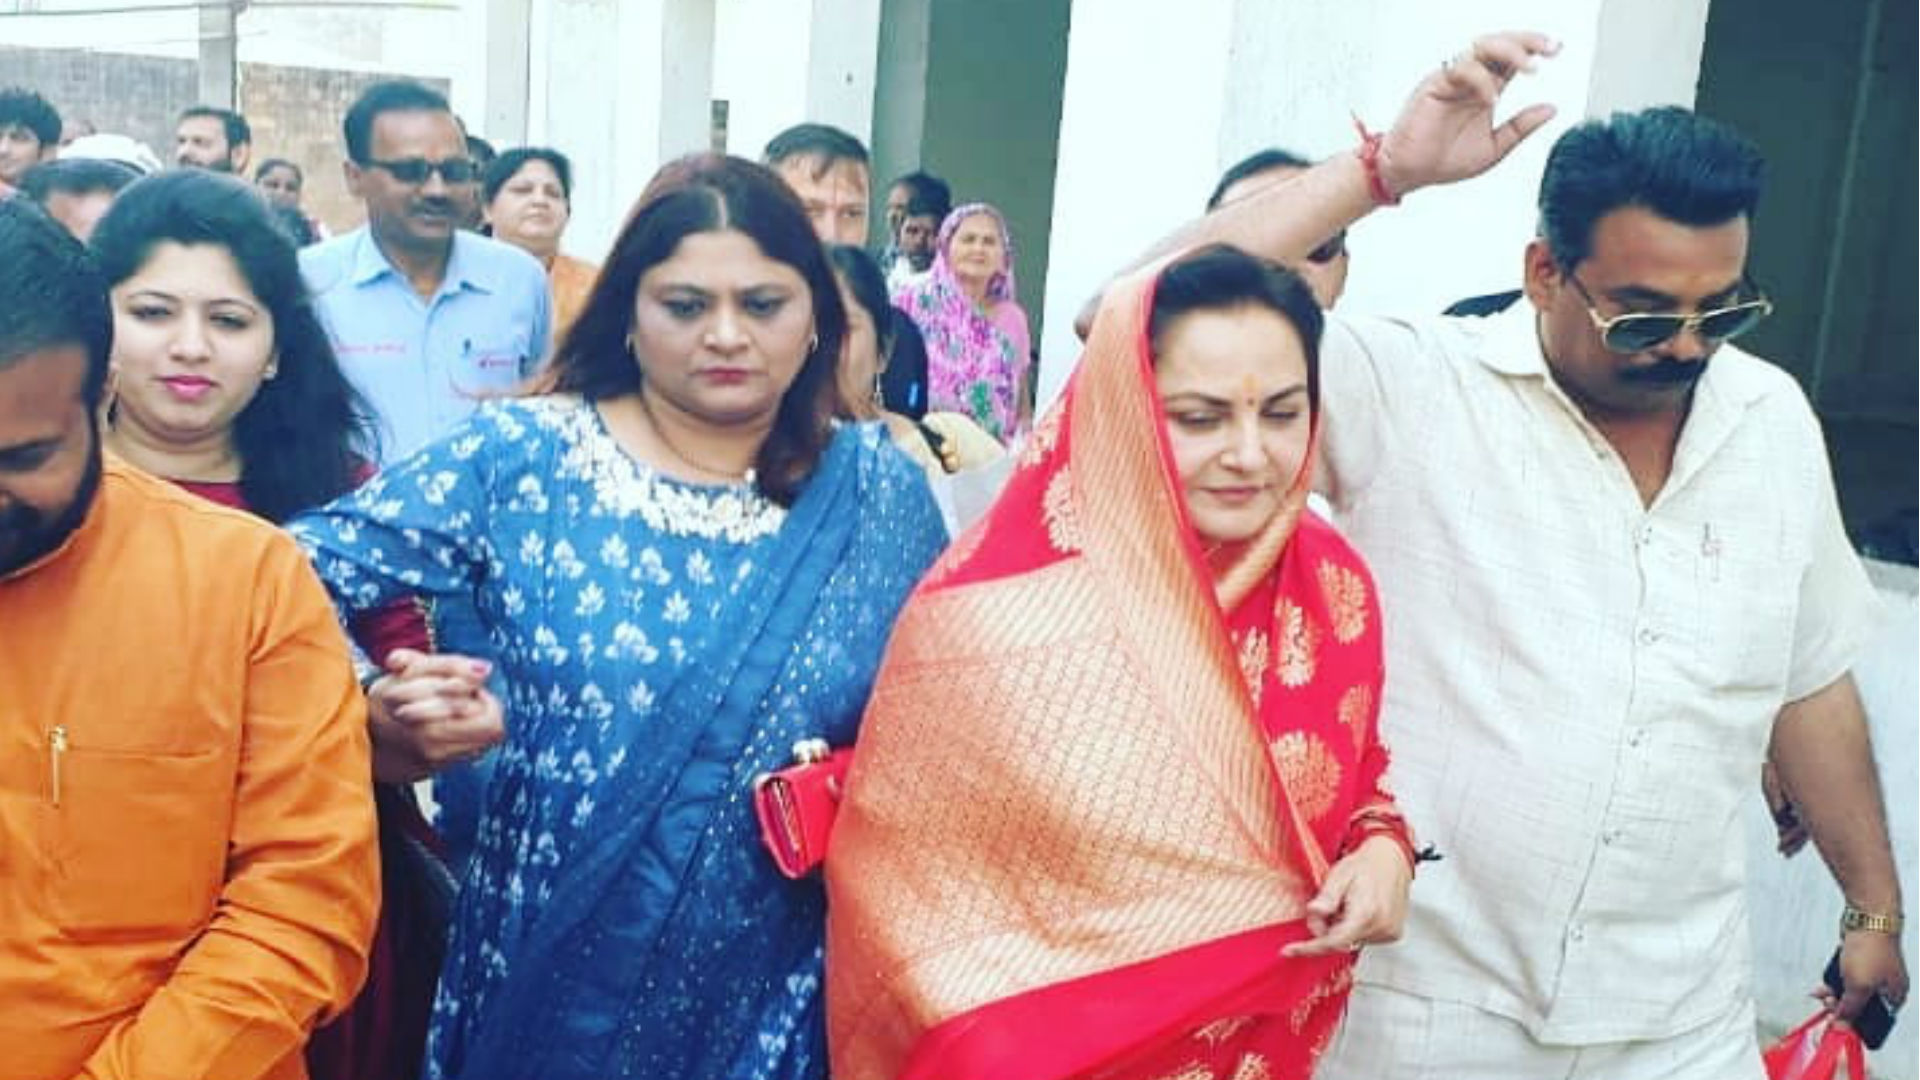 जया प्रदा आज अपने जन्मदिन पर दाखिल करेंगी पर्चा, बीजेपी के टिकट पर रामपुर से लड़ रही हैं लोकसभा चुनाव